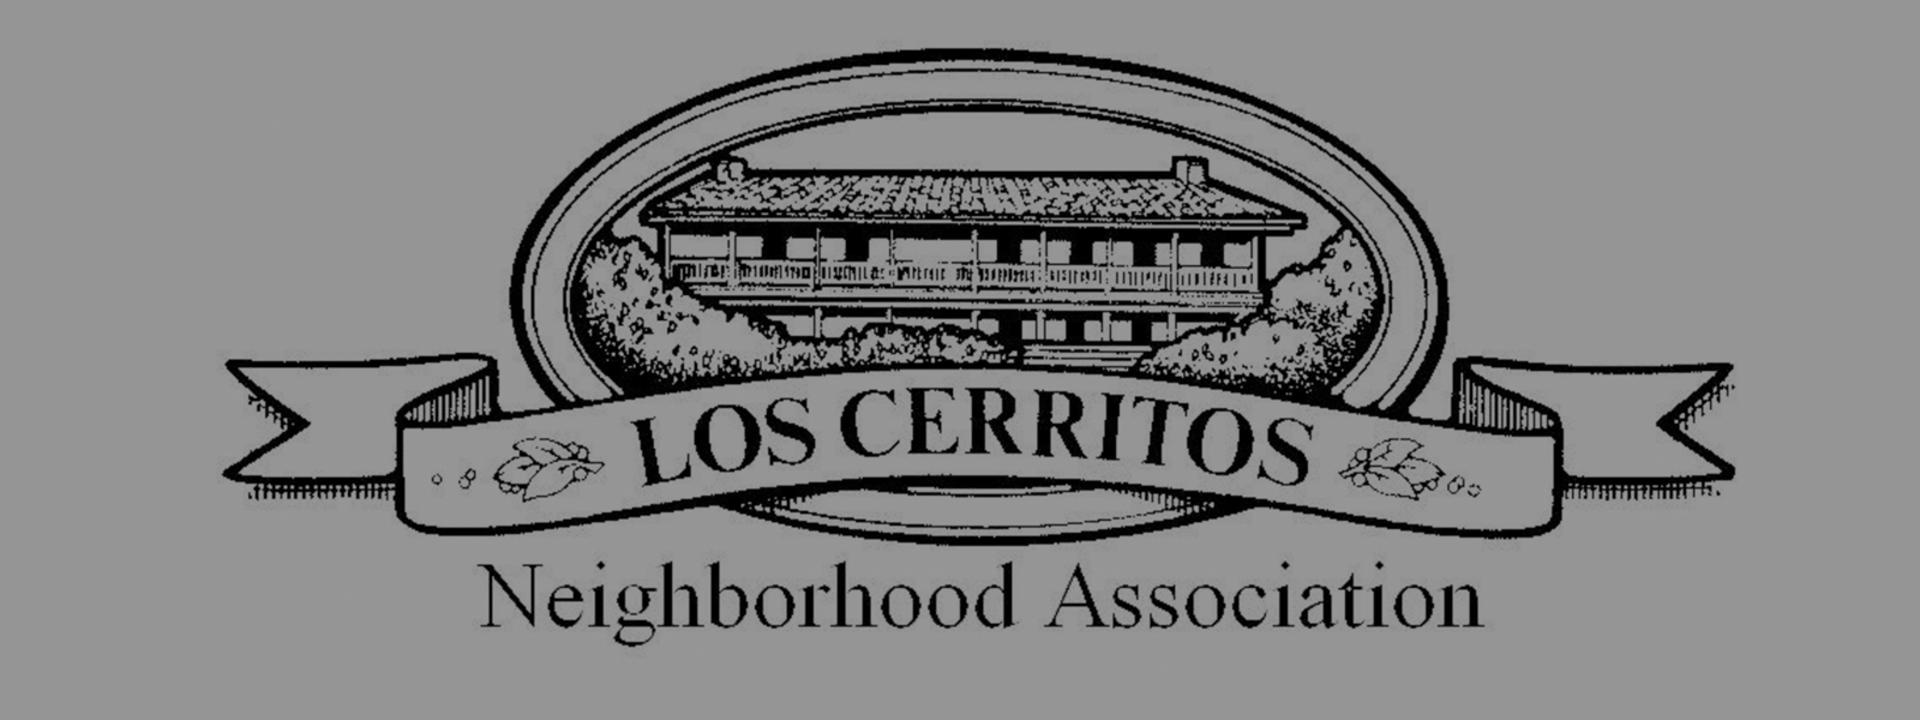 Los Cerritos/Virginia Country Club,  Long Beach